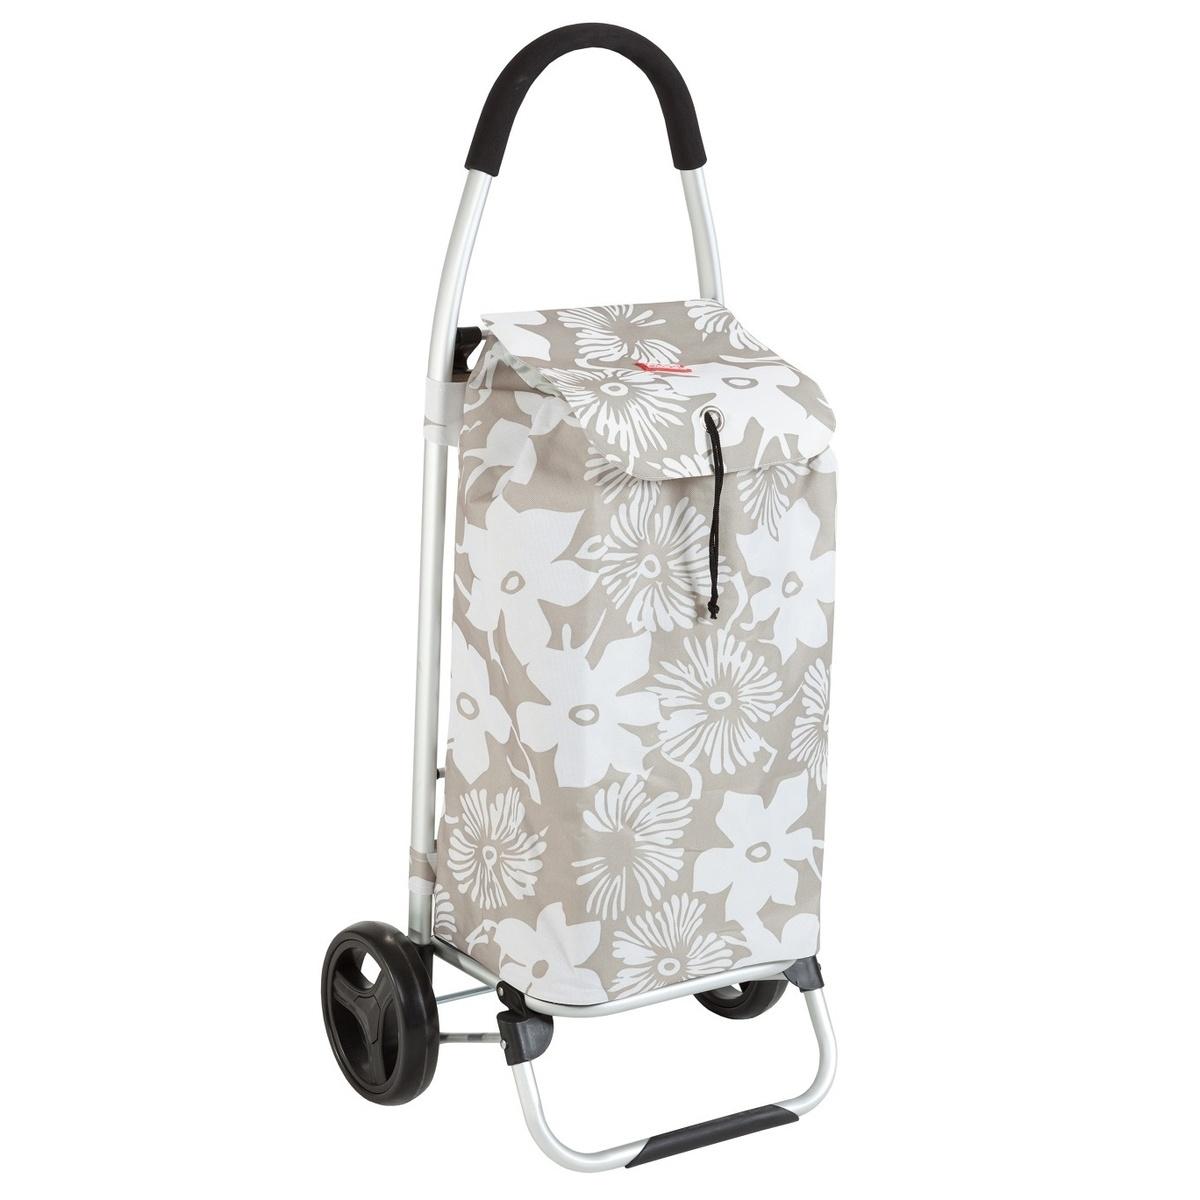 PRAGA Flor nákupní vozík